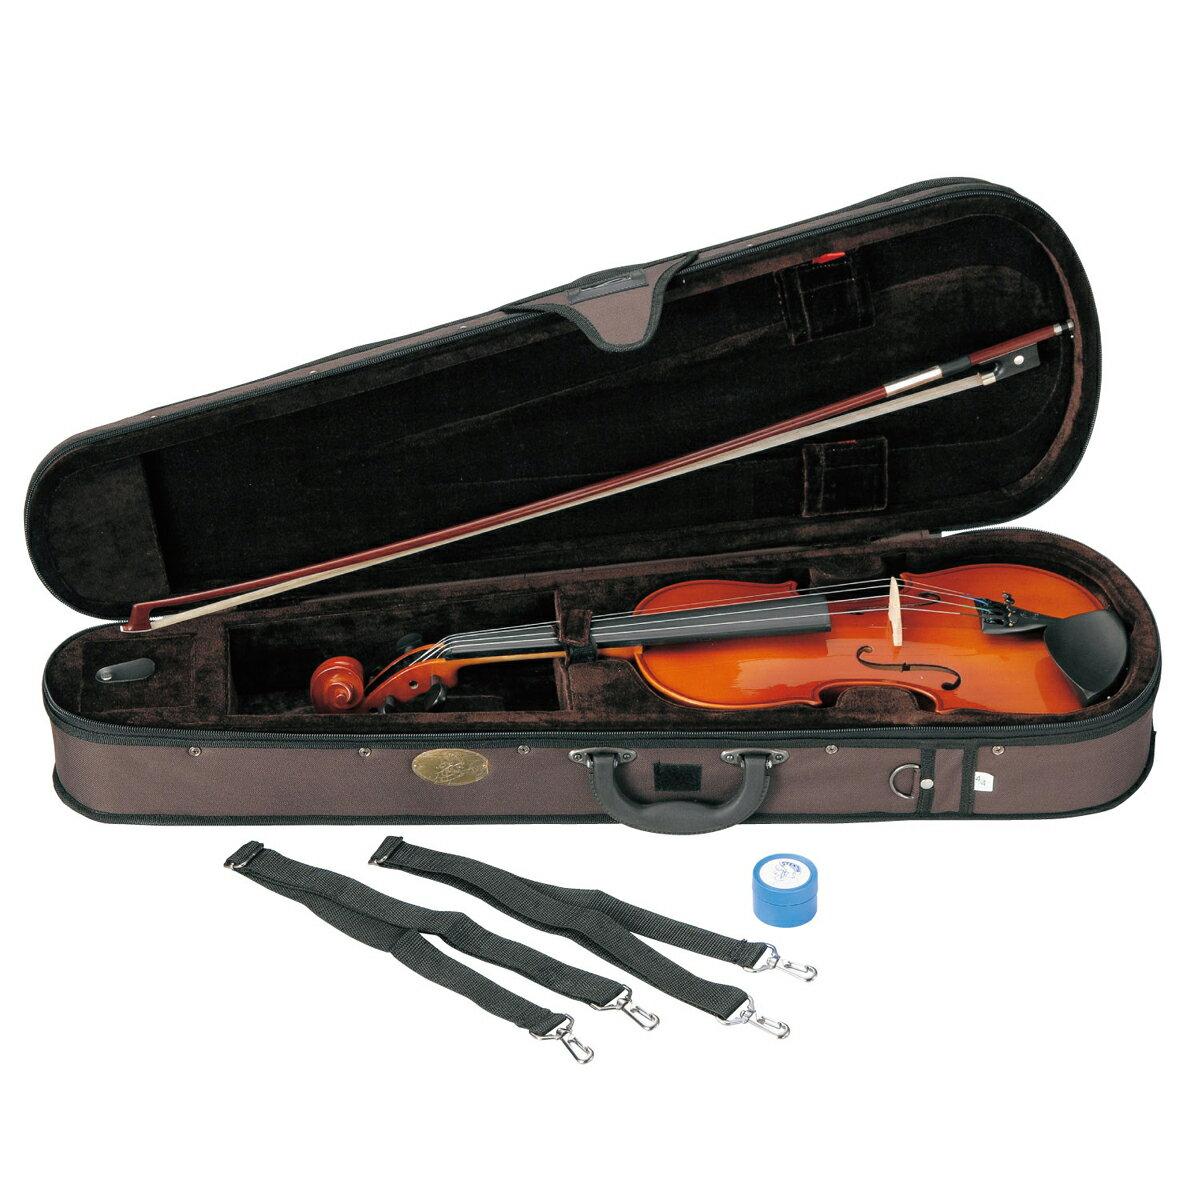 弦楽器, バイオリン STENTOR SV-120 44 Violin,